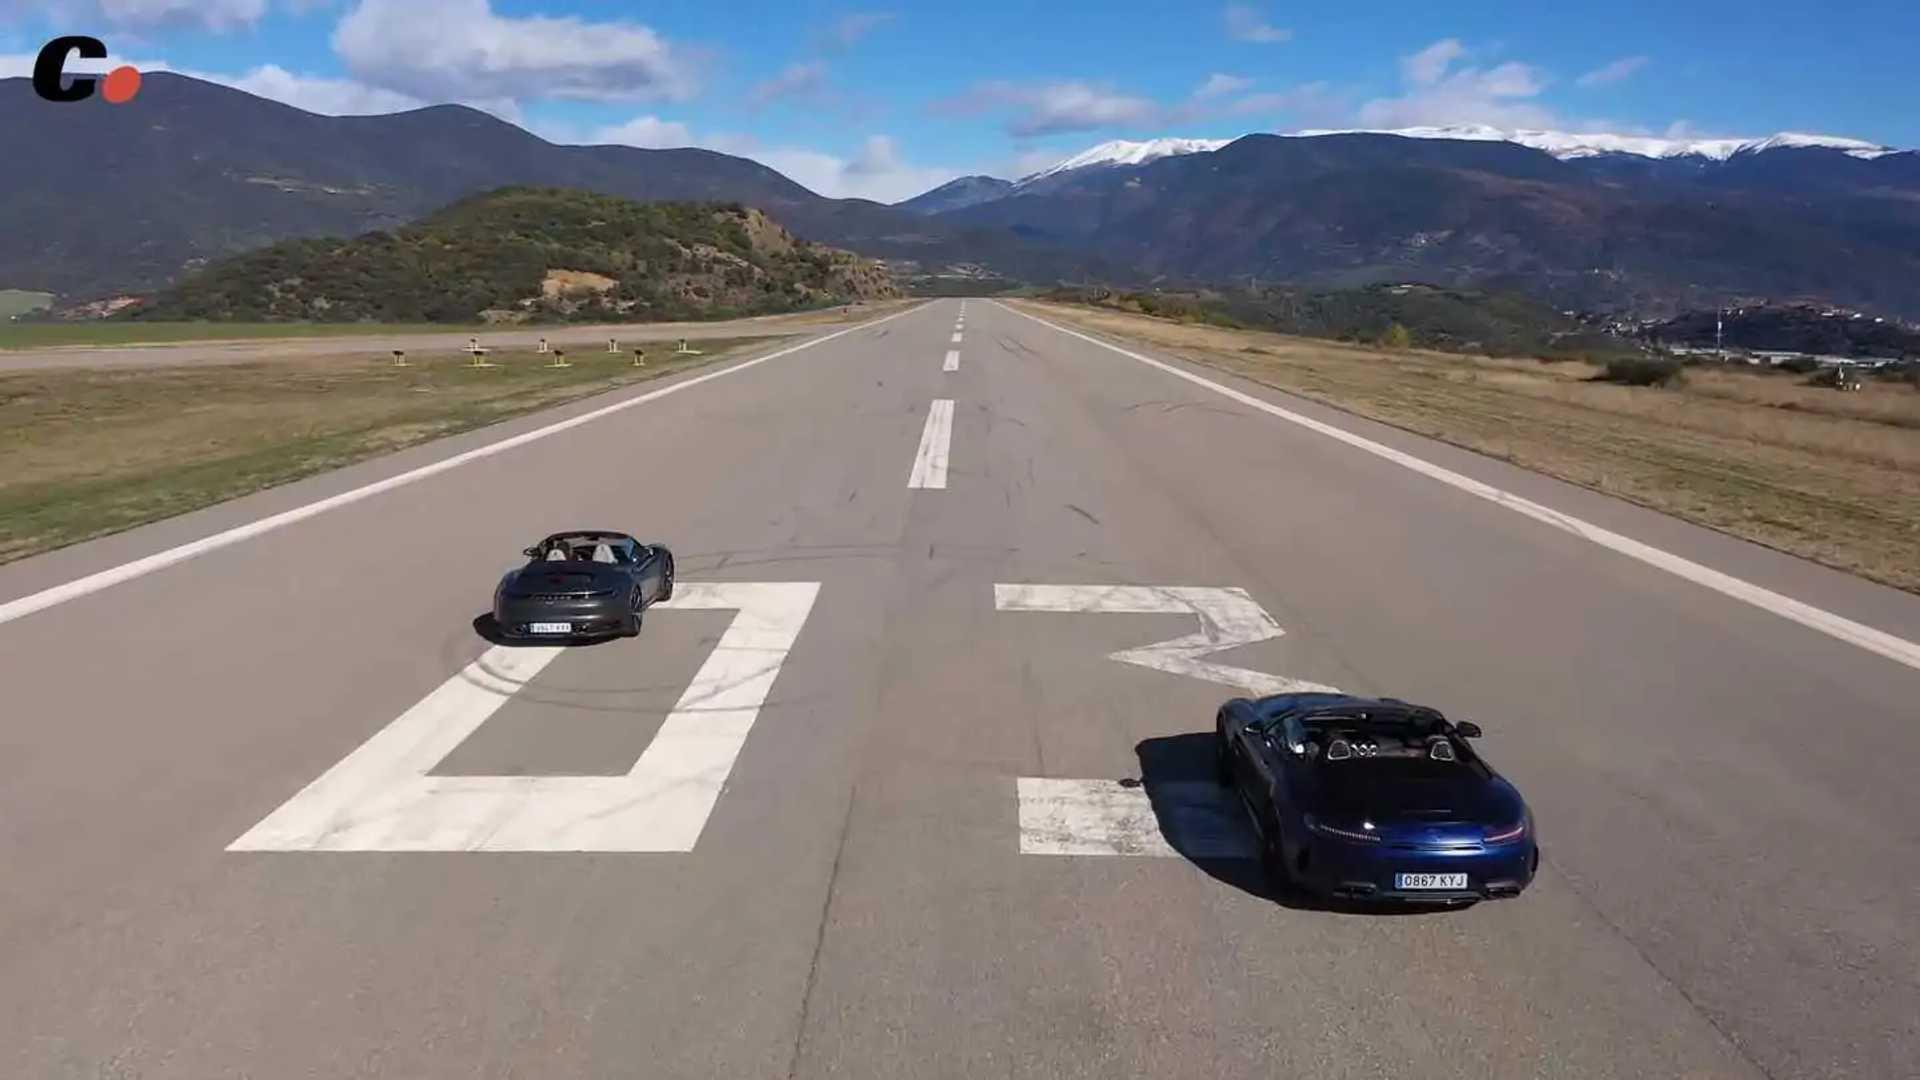 Porsche Vs Merc Drag Race Screenshot